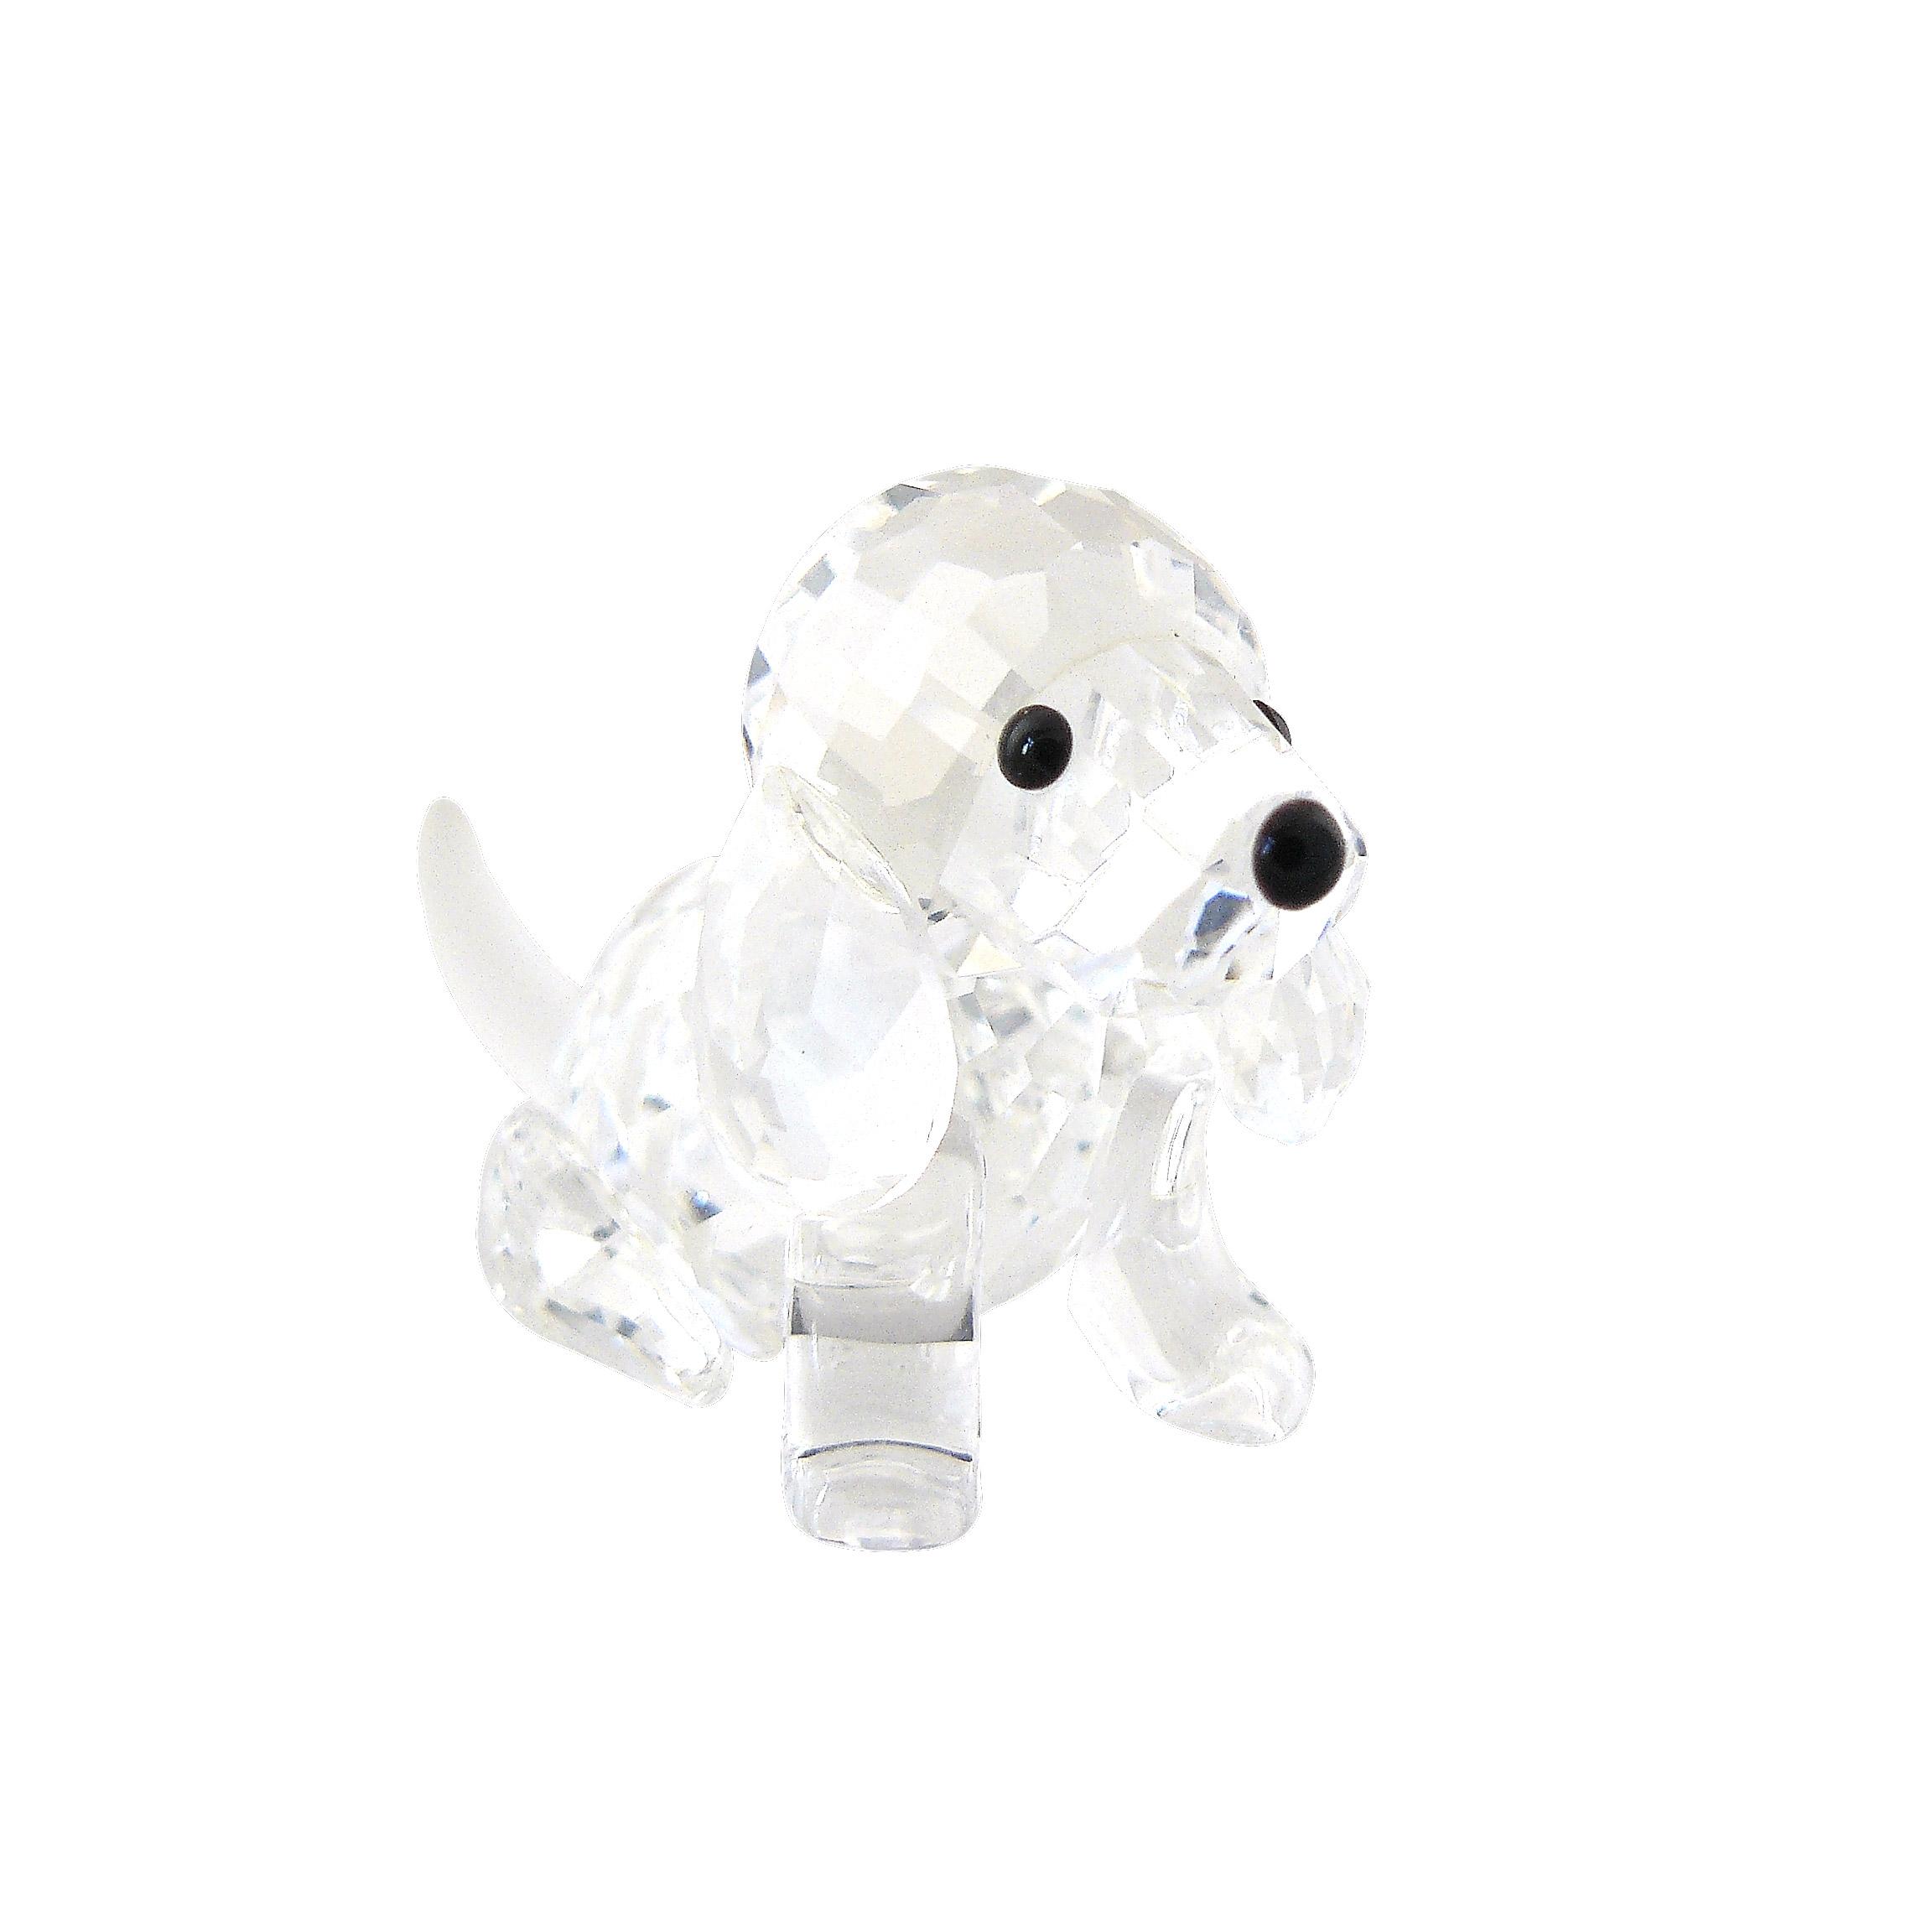 Swarovski Crystal Διακοσμητικό Σκυλάκι